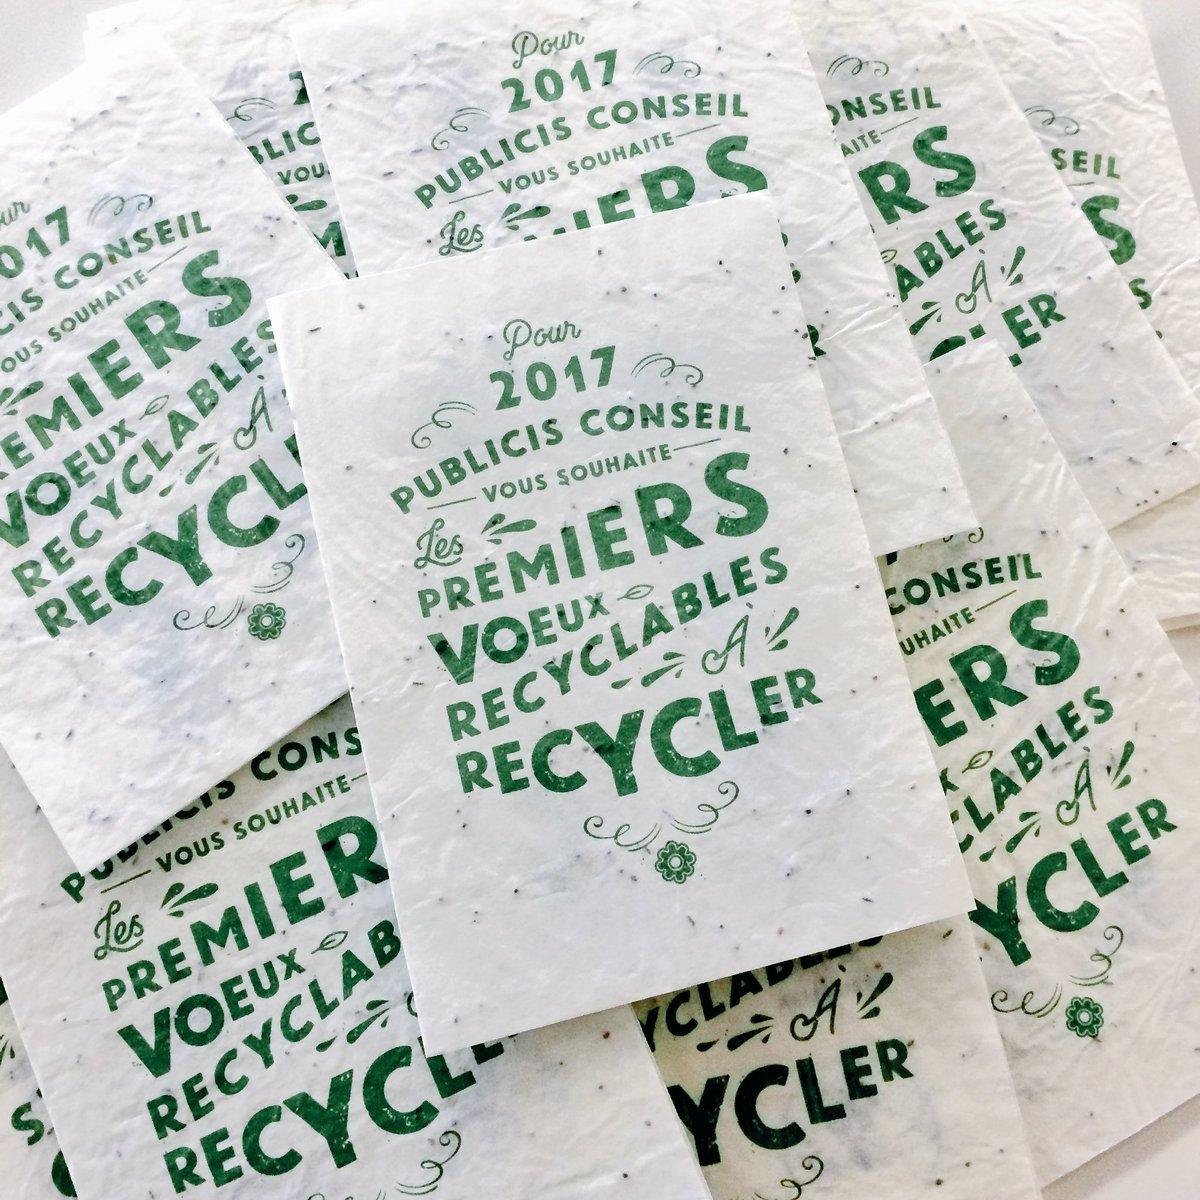 publicis-conseil-agence-publicite-paris-carte-de-voeux-2017-recyclable-plante-1